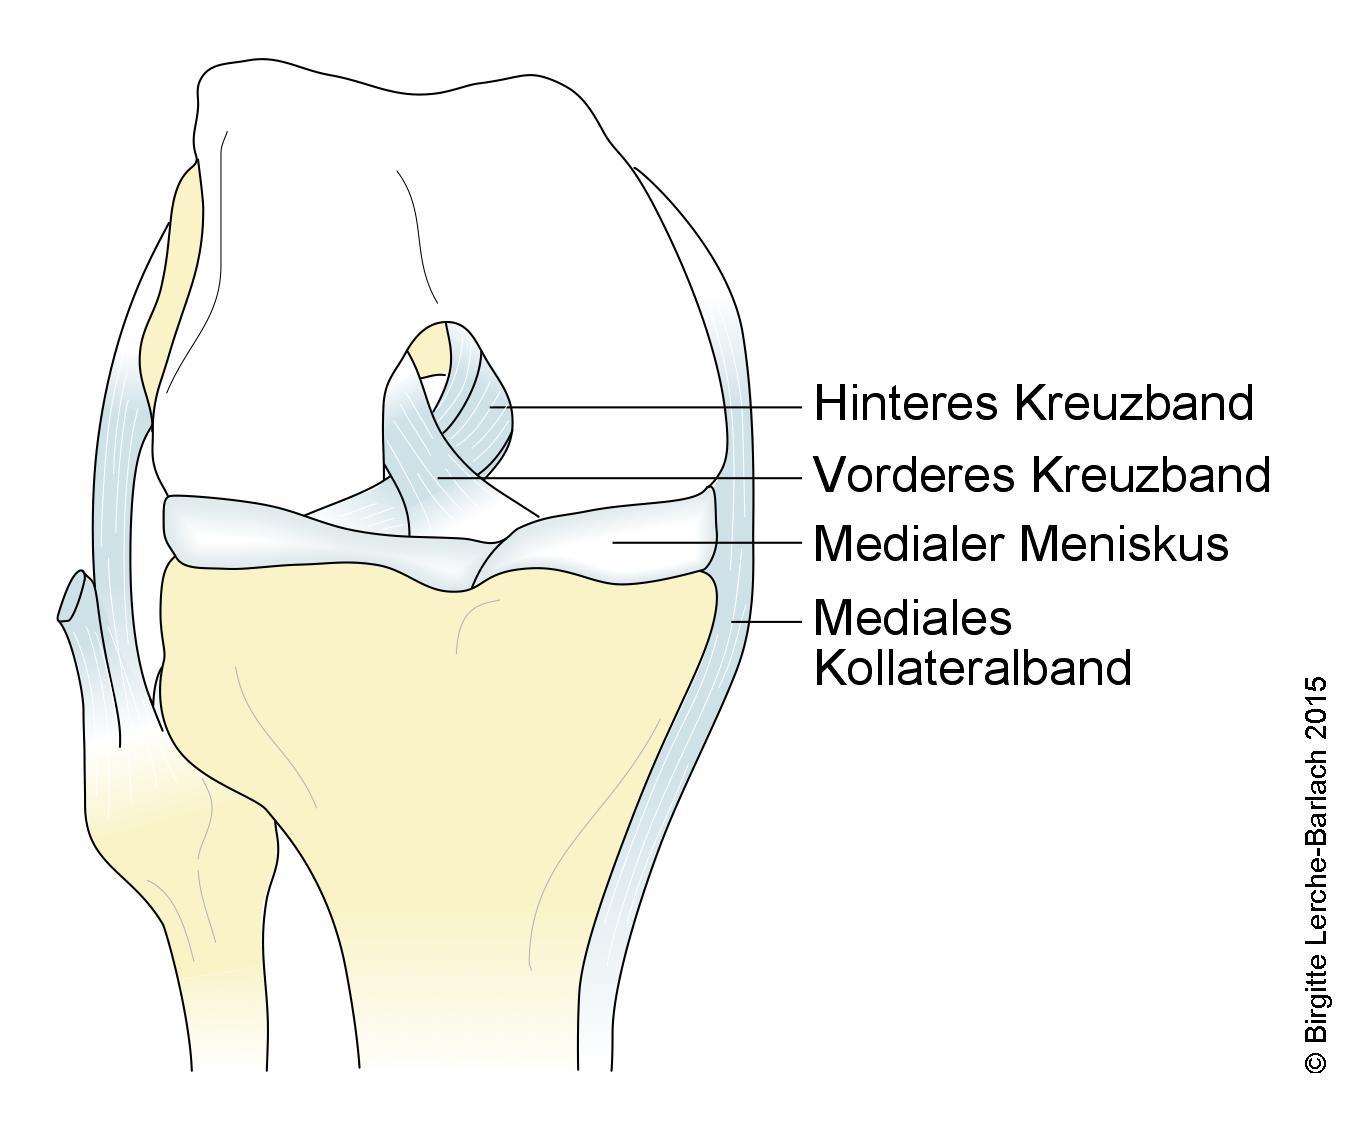 Knie mit Kreuzband, Knie-Seitenband und Menisken, Vorderansicht.jpg